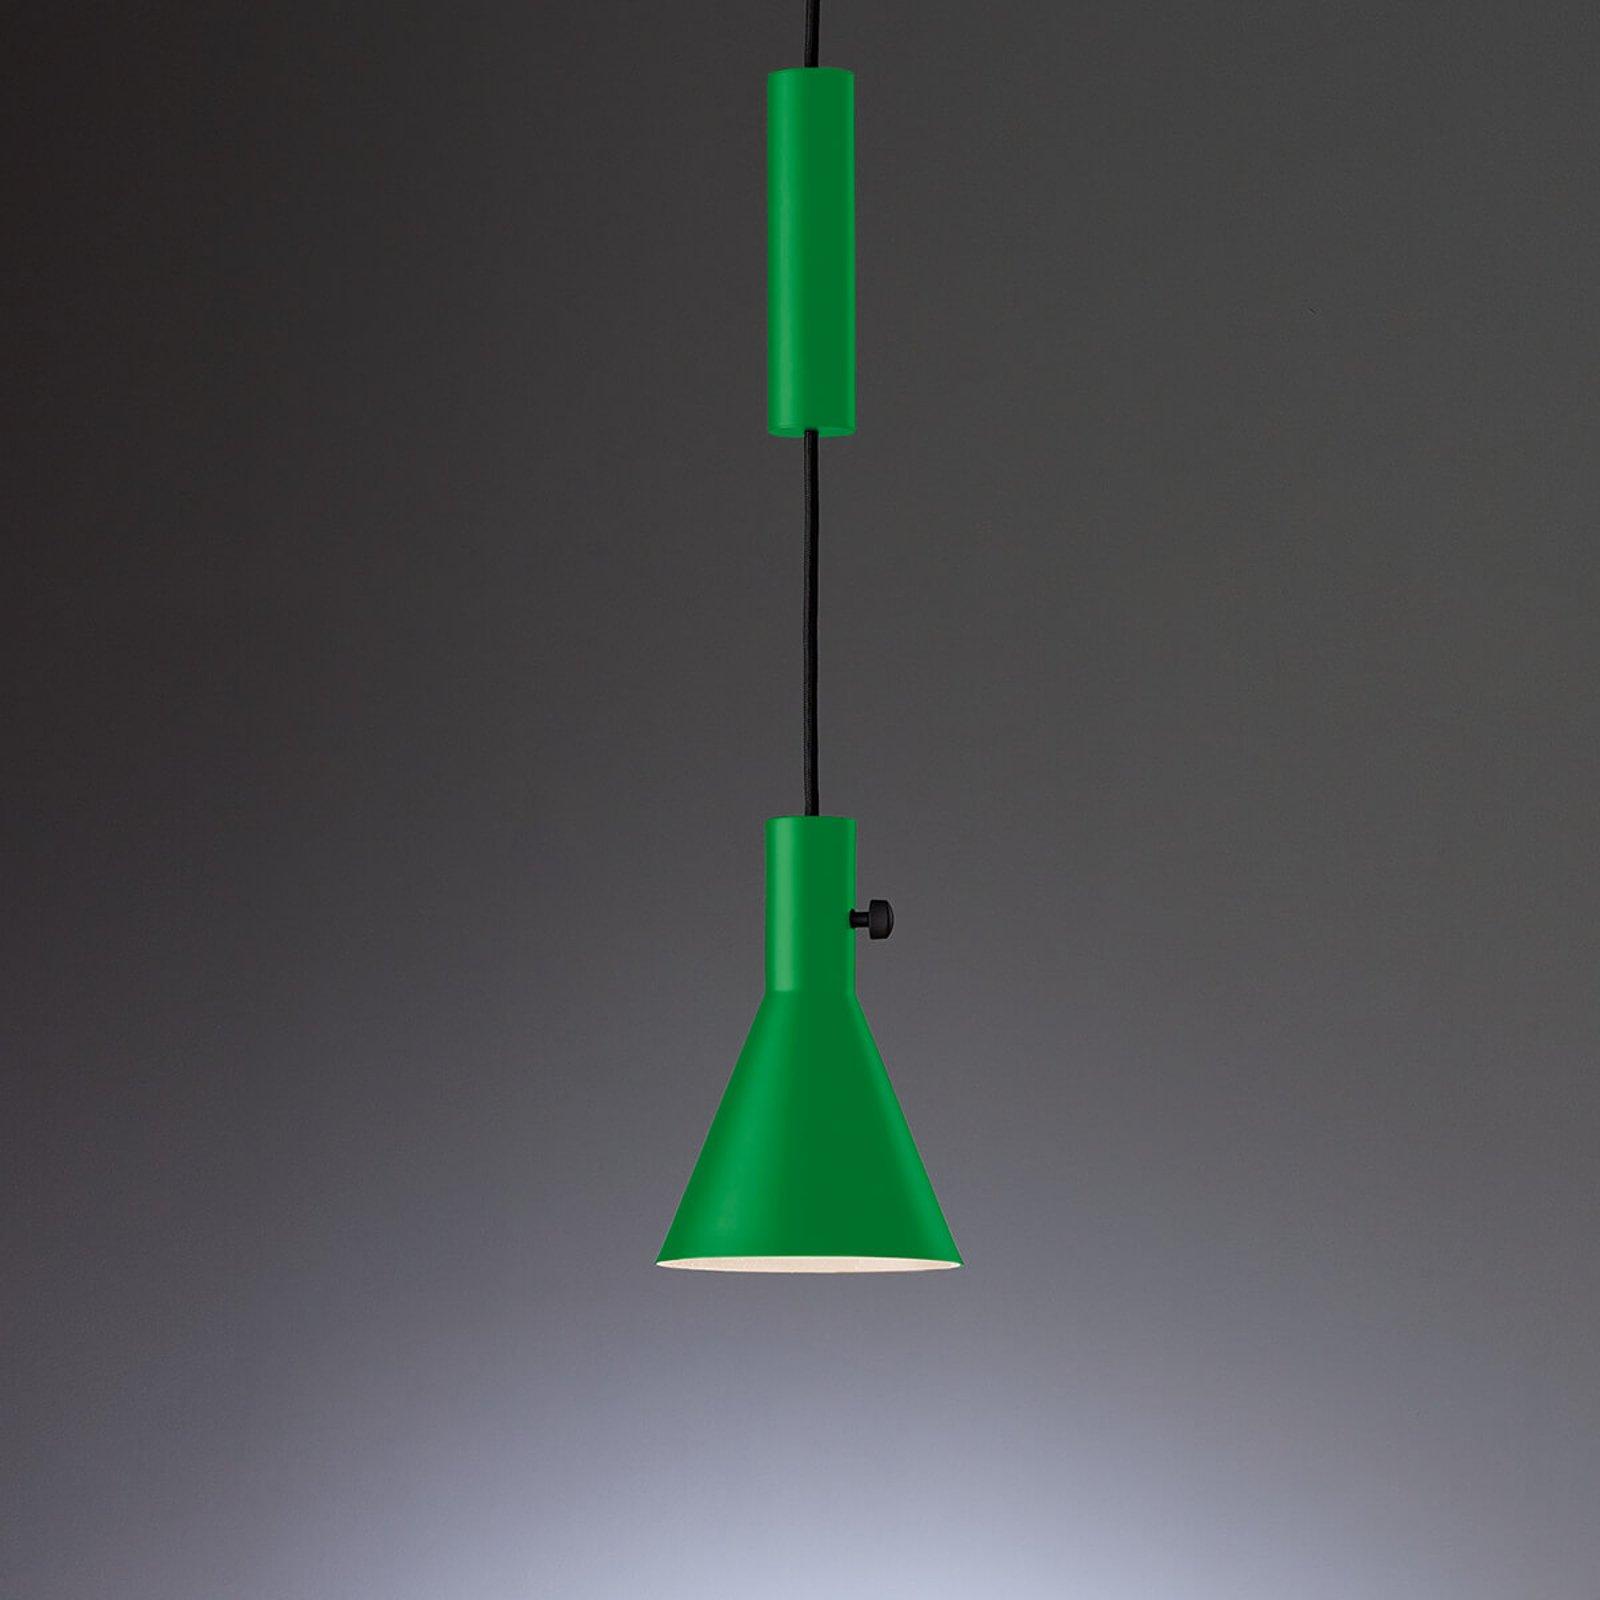 Green designer LED hanging light Eleu